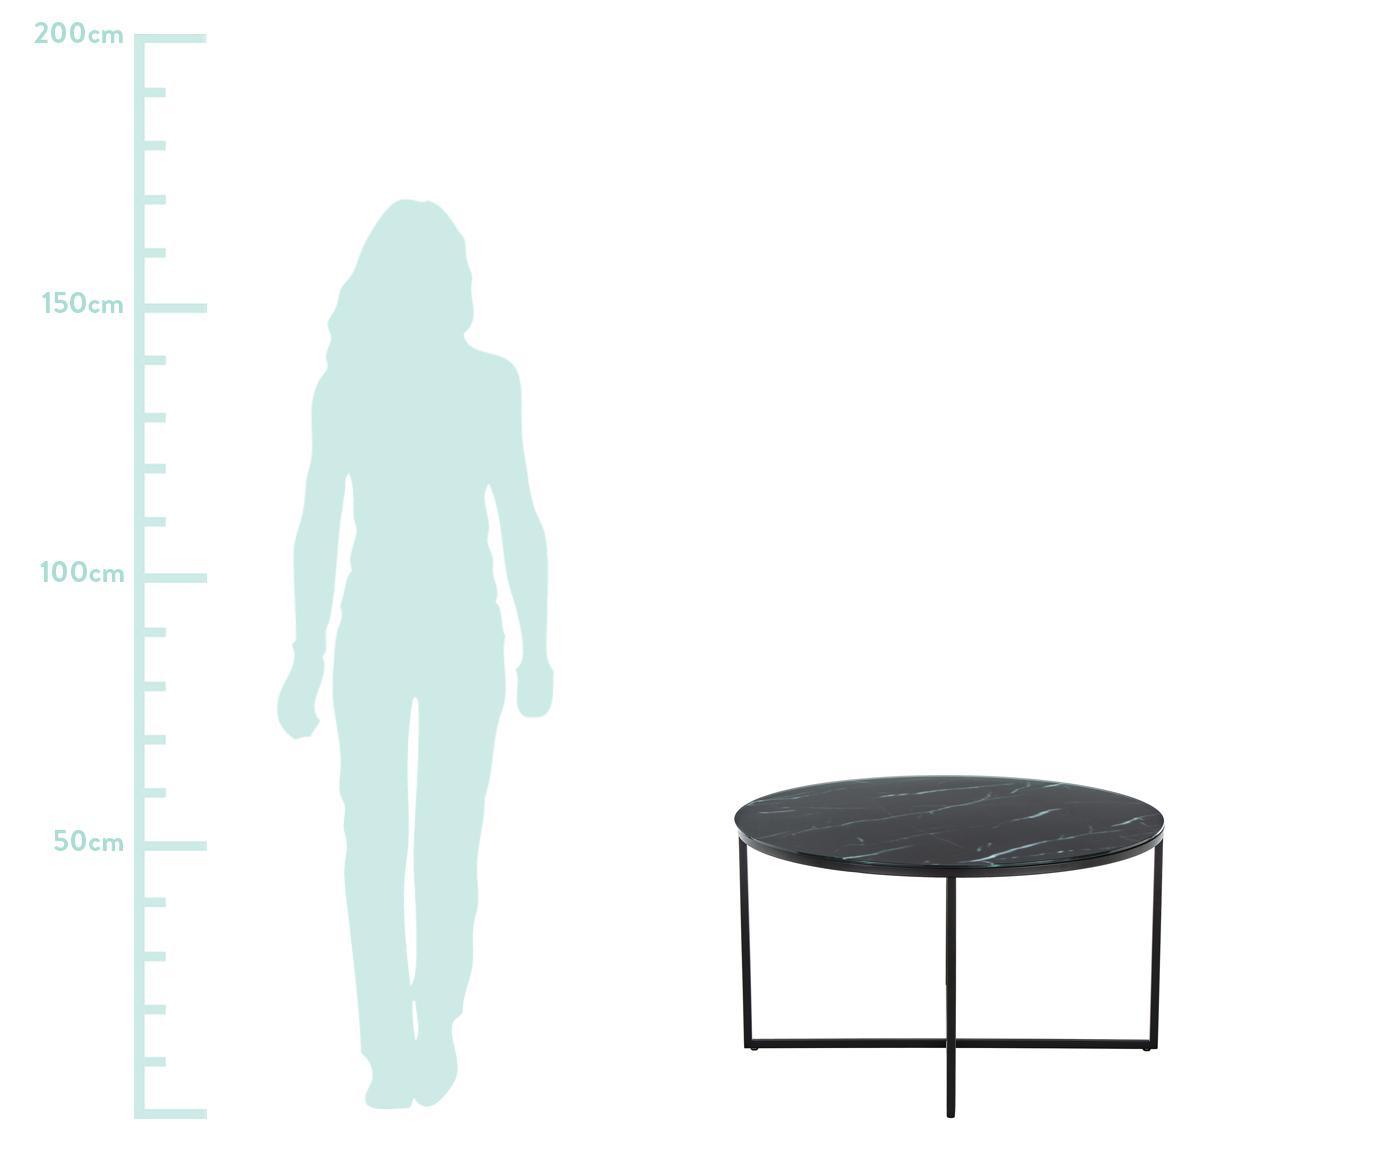 Mesa de centro Antigua, tablero de cristal en aspecto mármol, Tablero: vidrio estampado con aspe, Estructura: acero con pintura en polv, Negro grisaceo veteado, negro, Ø 80 x Al 45 cm